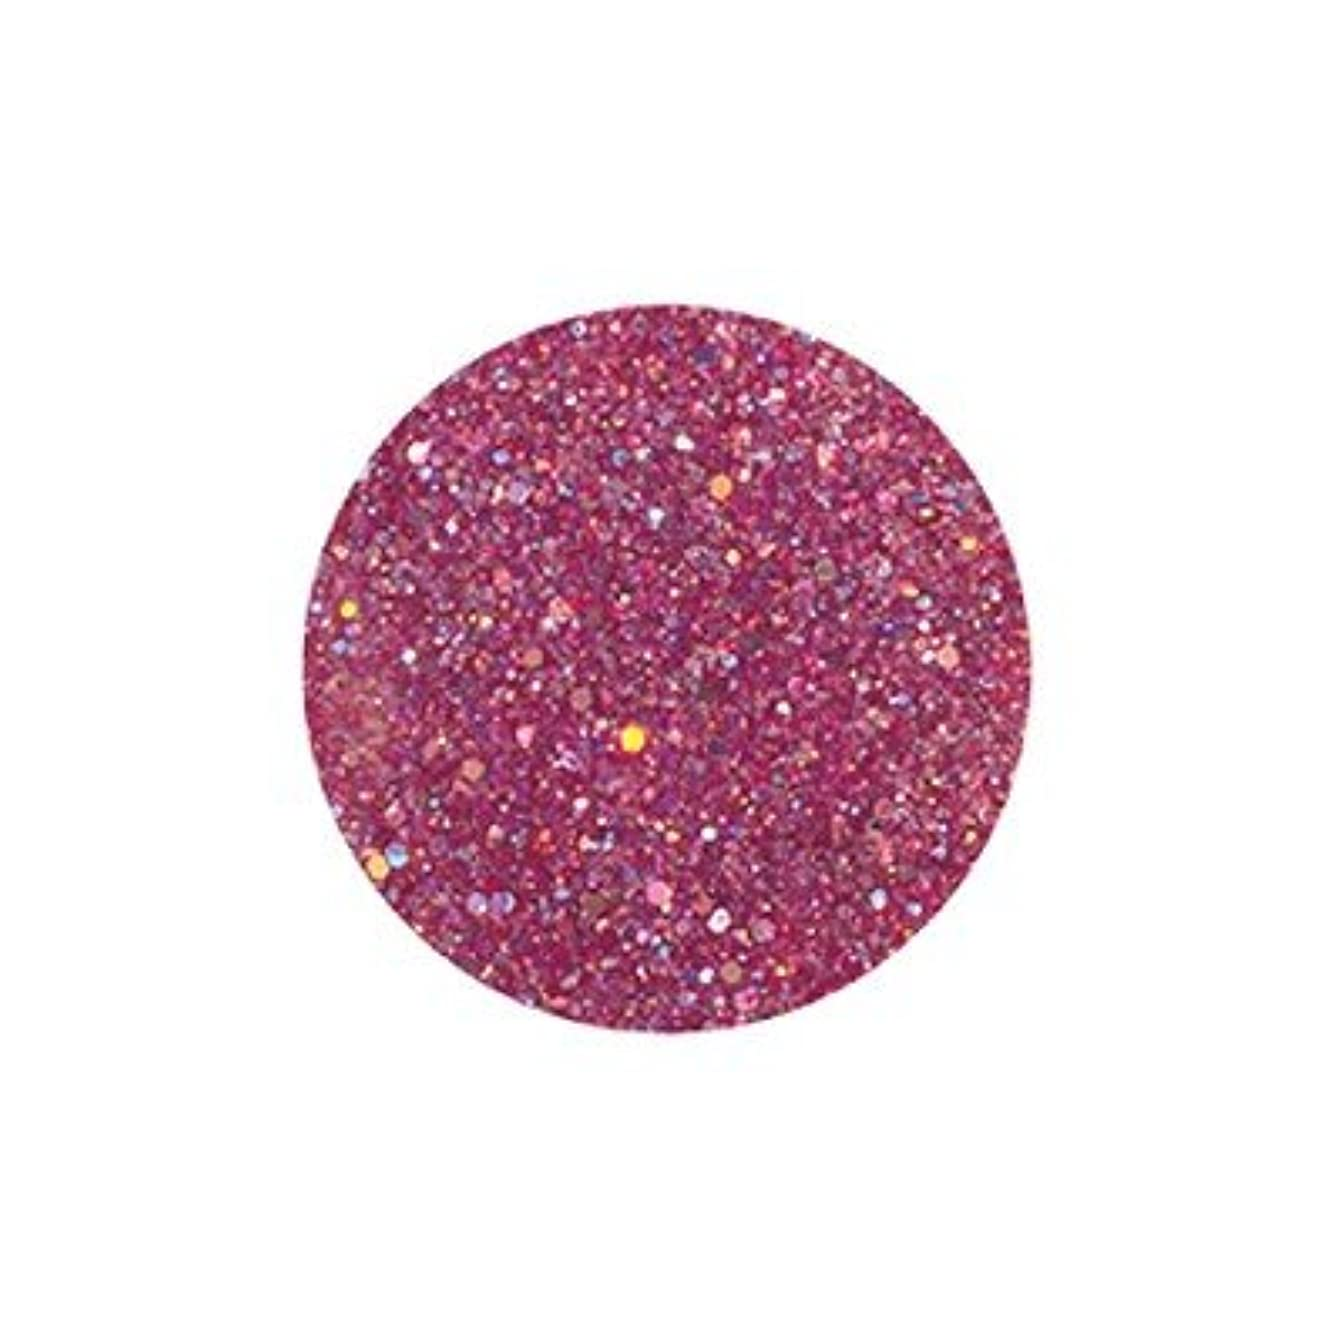 サンプルチョップ青FANTASY NAIL ダイヤモンドコレクション 3g 4259XS カラーパウダー アート材